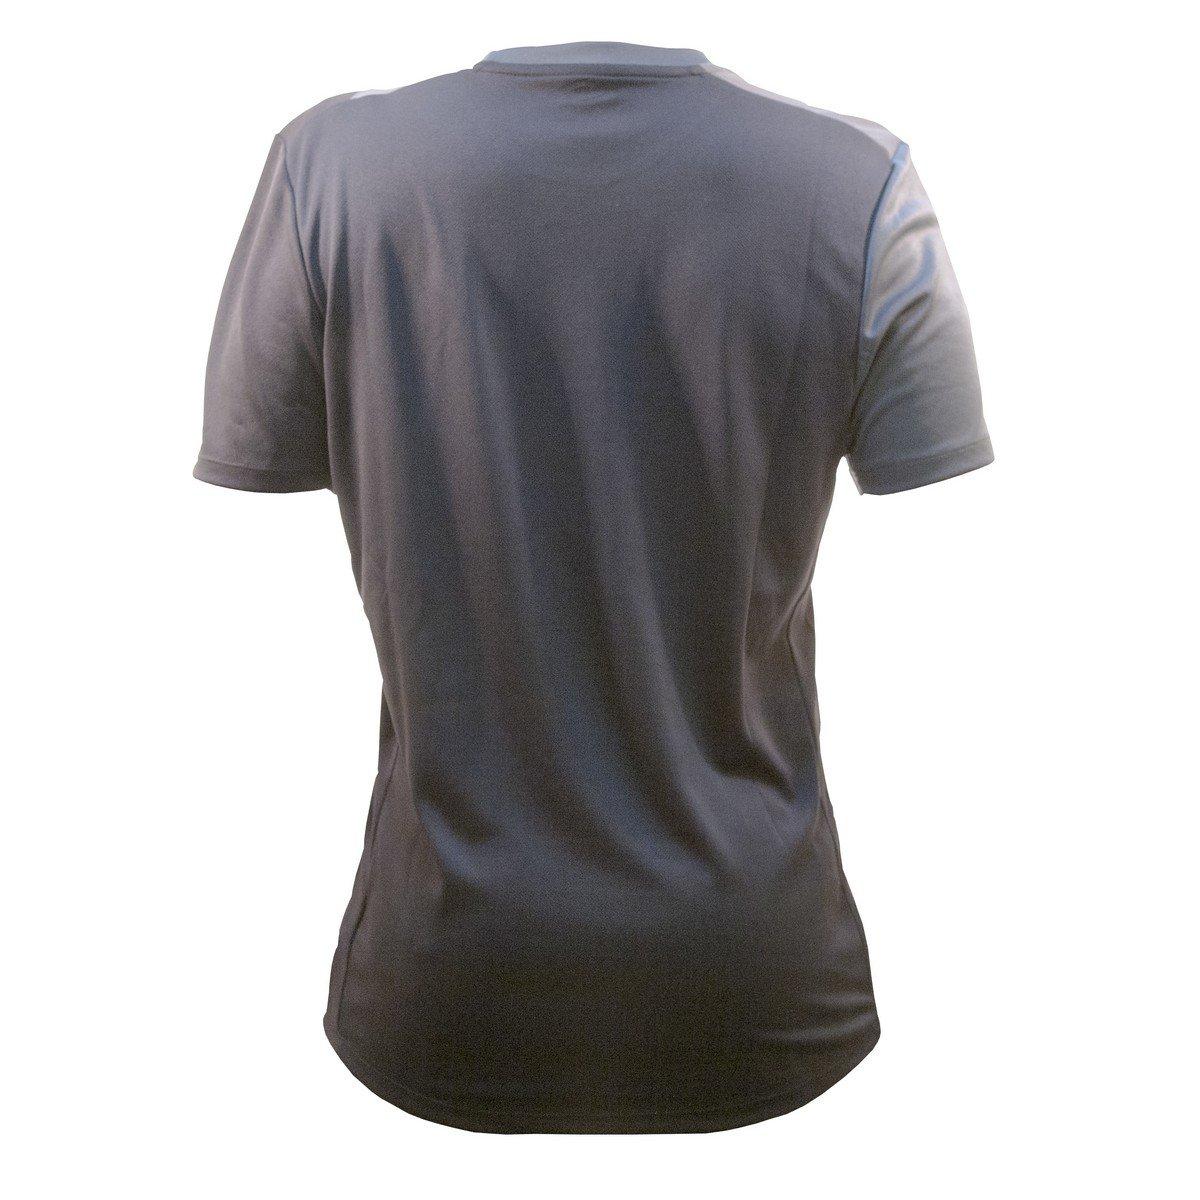 Umbro RCD Mallorca Training Camiseta de fútbol, Hombre, Negro/Carbón, M: Amazon.es: Deportes y aire libre